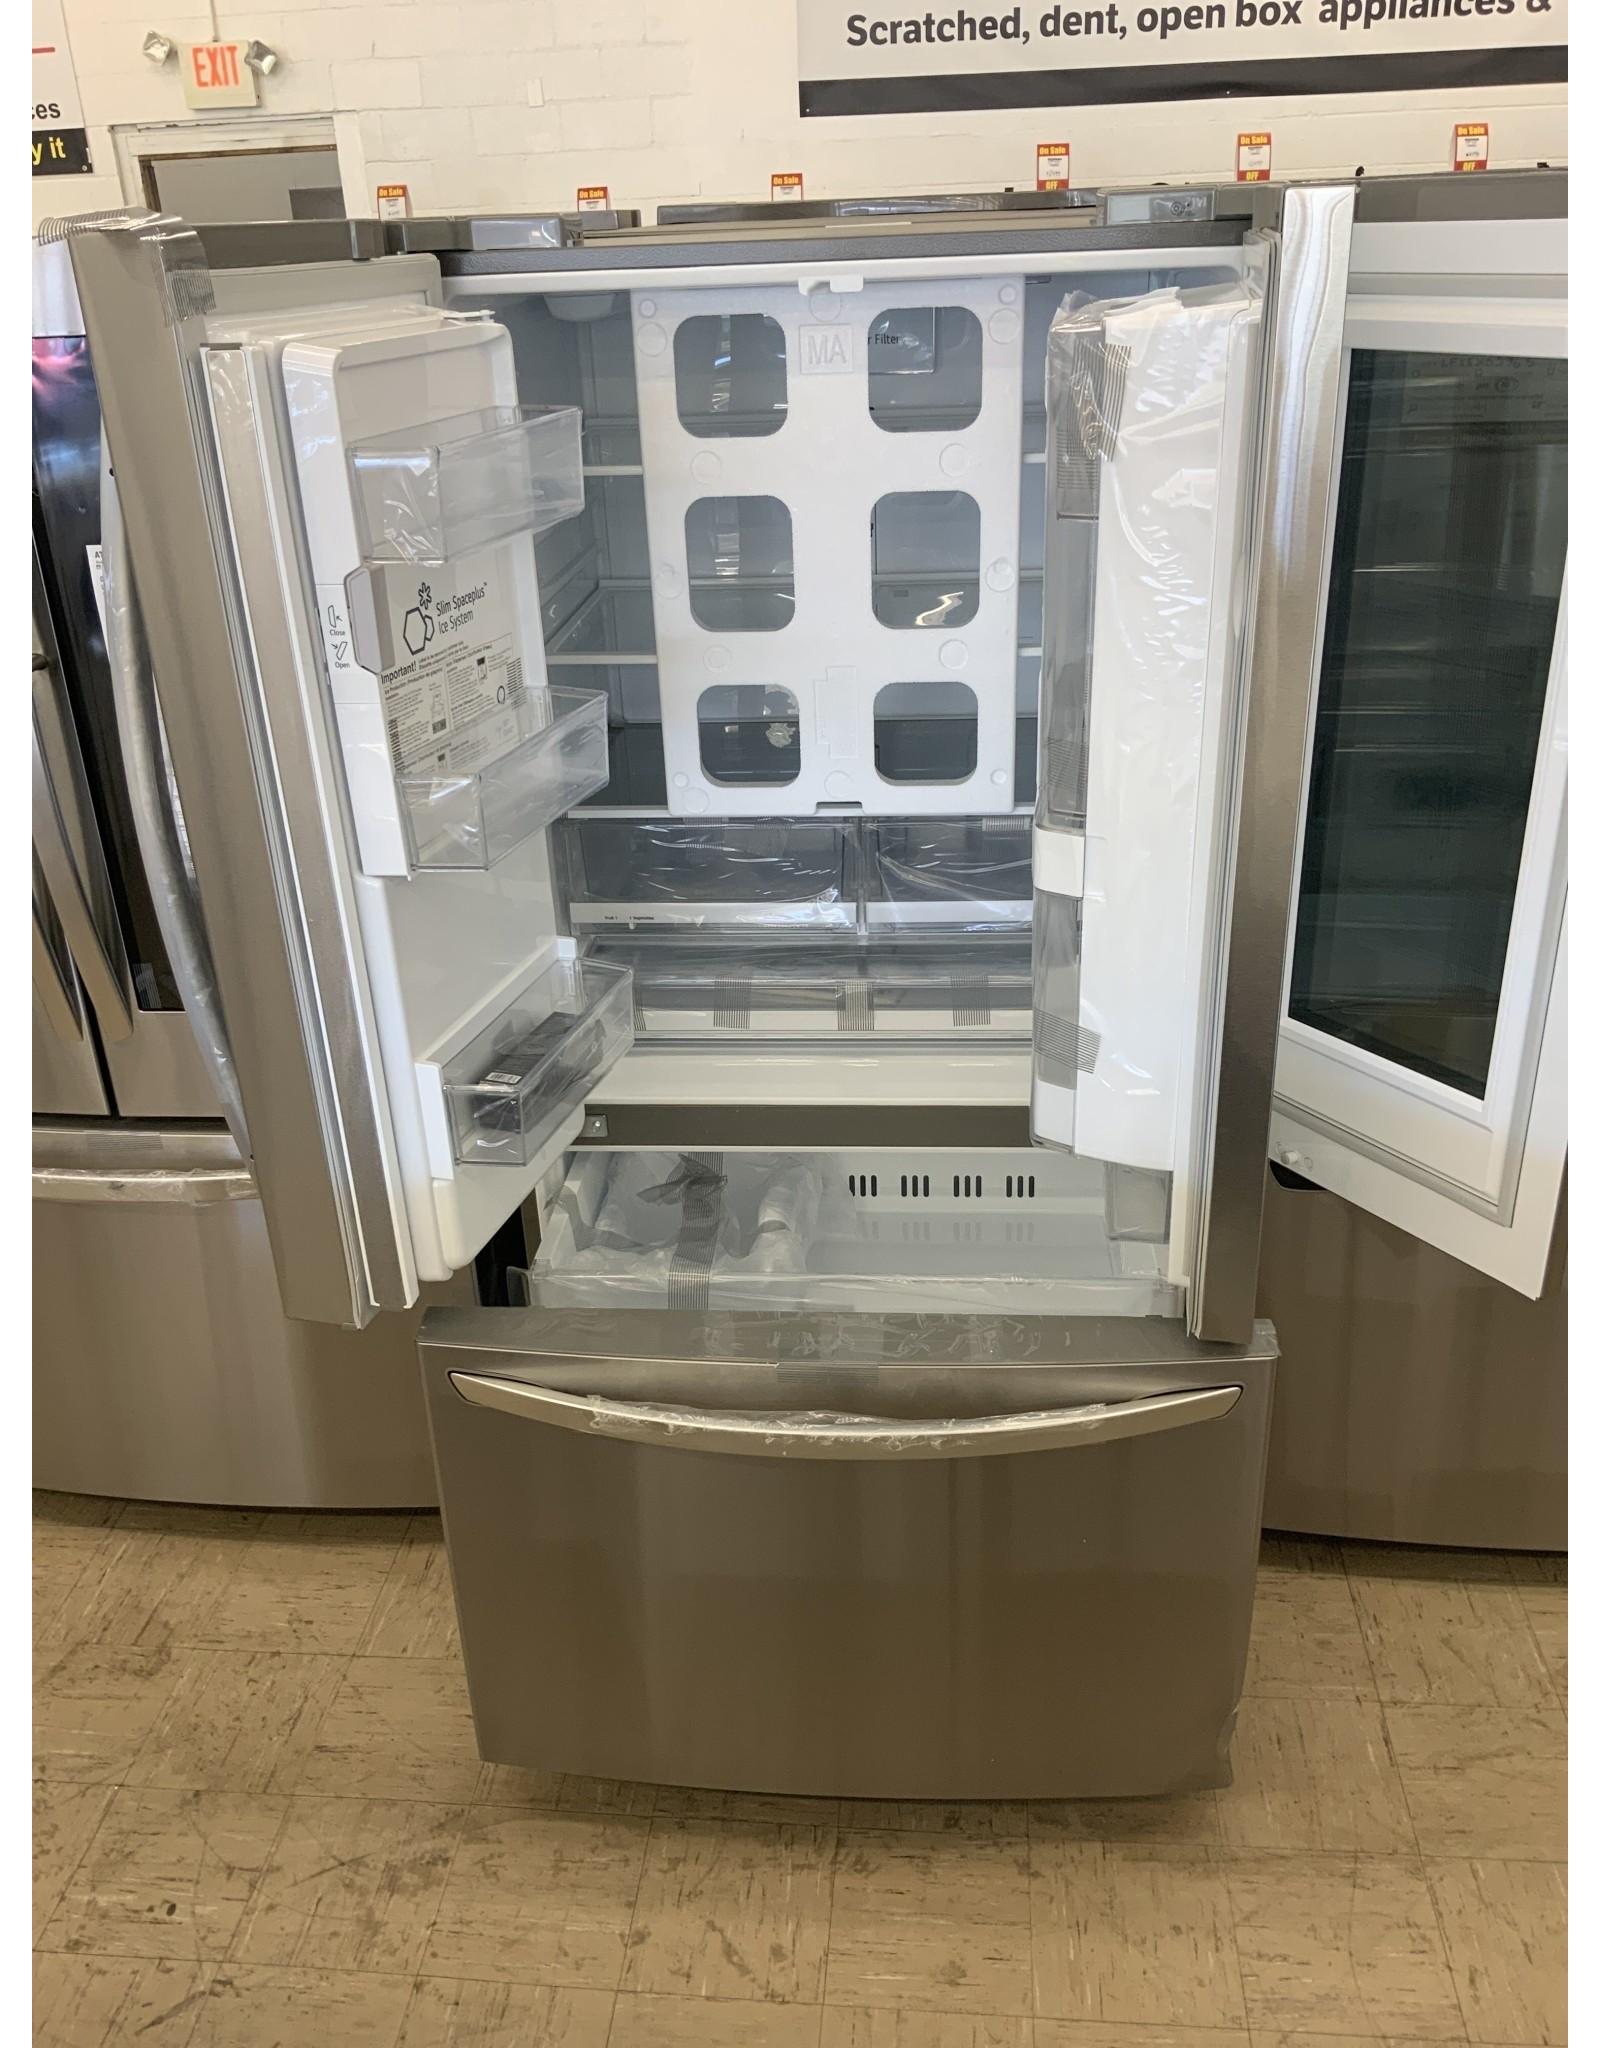 LG Electronics 26 cu. ft. 3-Door French Door Smart Refrigerator with InstaView Door-in-Door in Stainless Steel